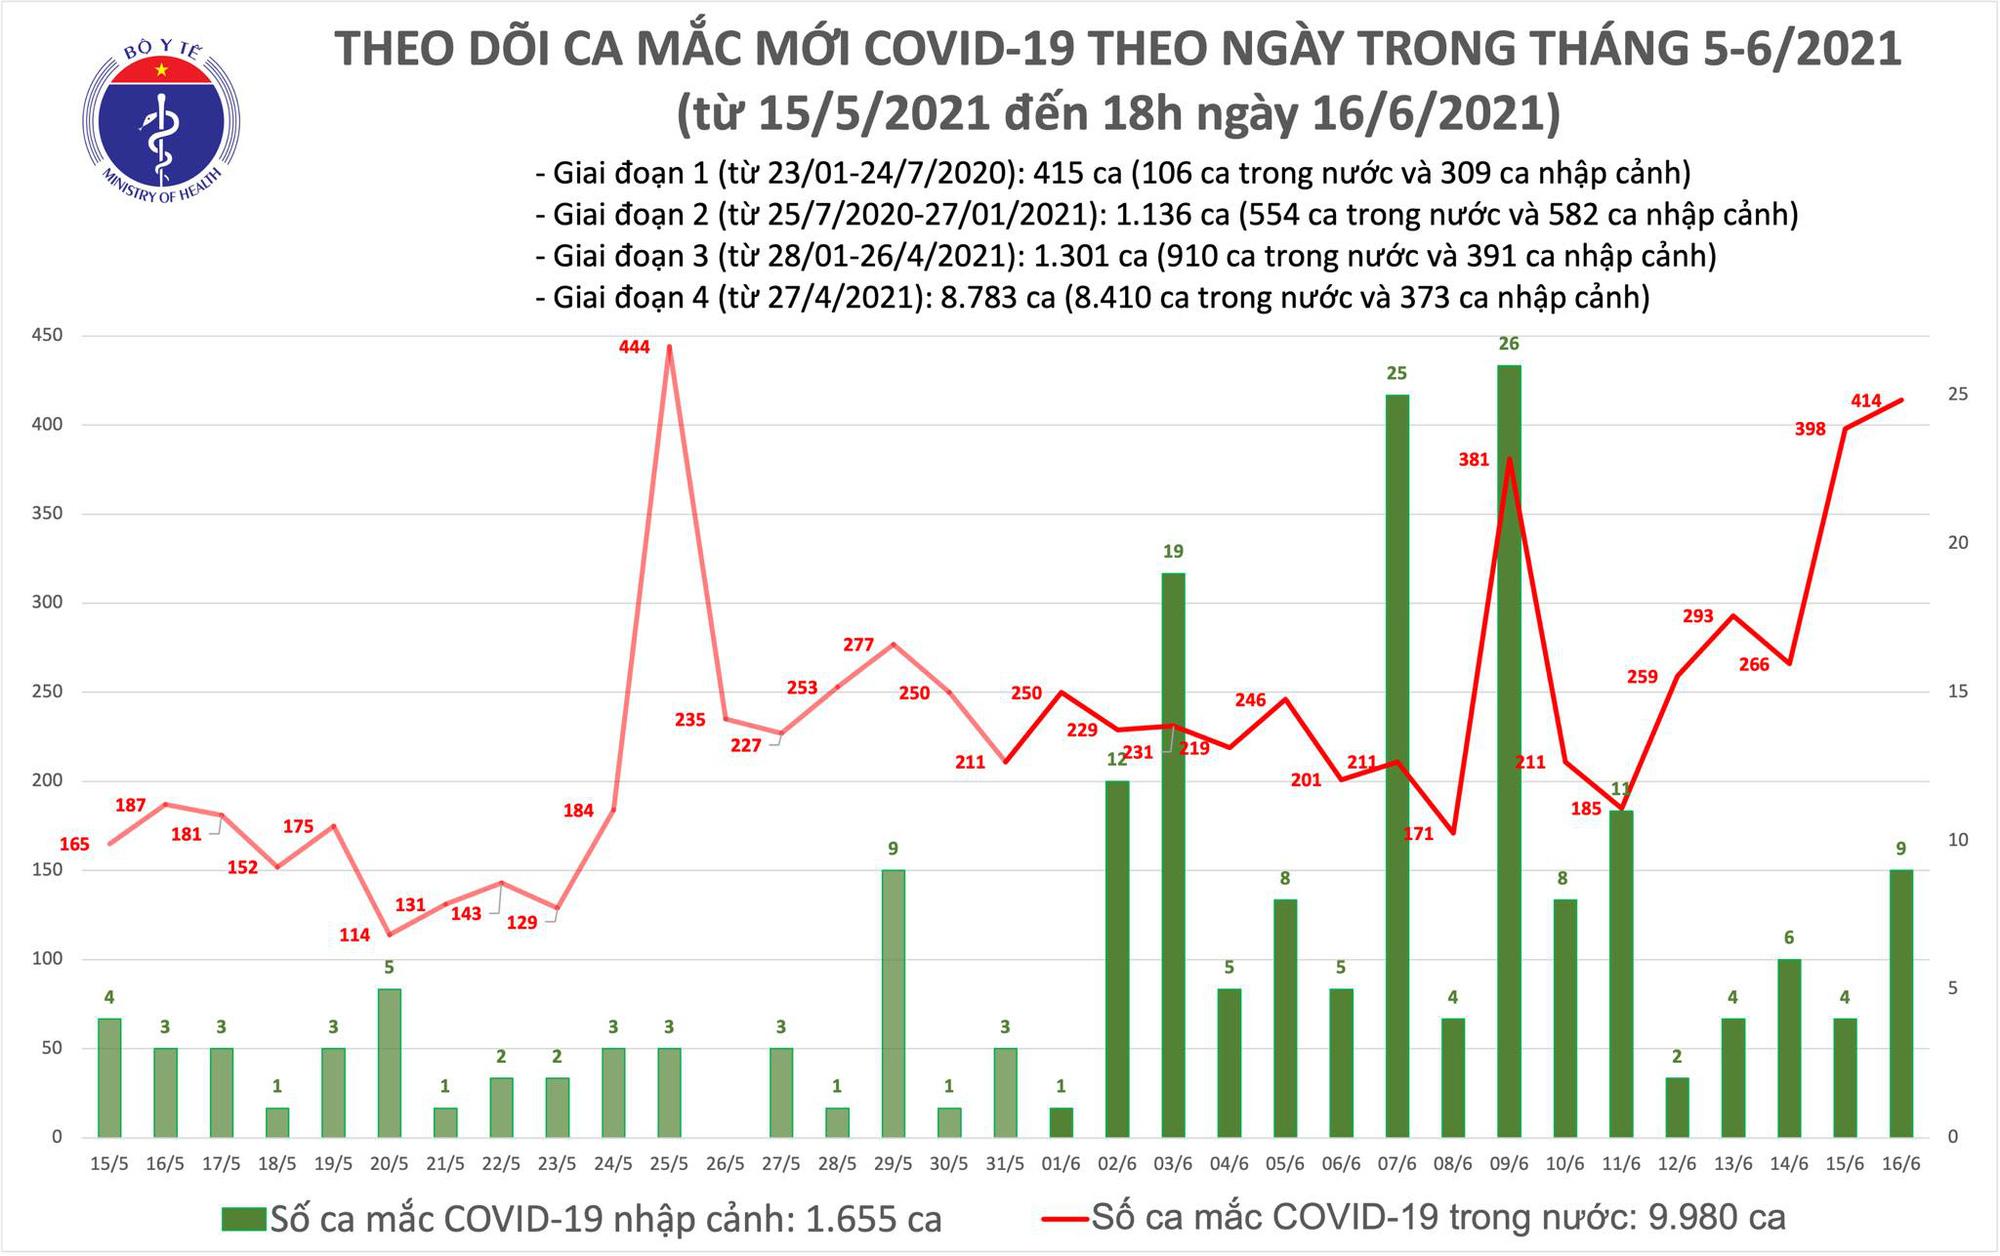 Tối 16/5: Thêm 155 ca mắc COVID-19, Việt Nam ghi nhận tổng 423 trường hợp trong ngày - Ảnh 1.